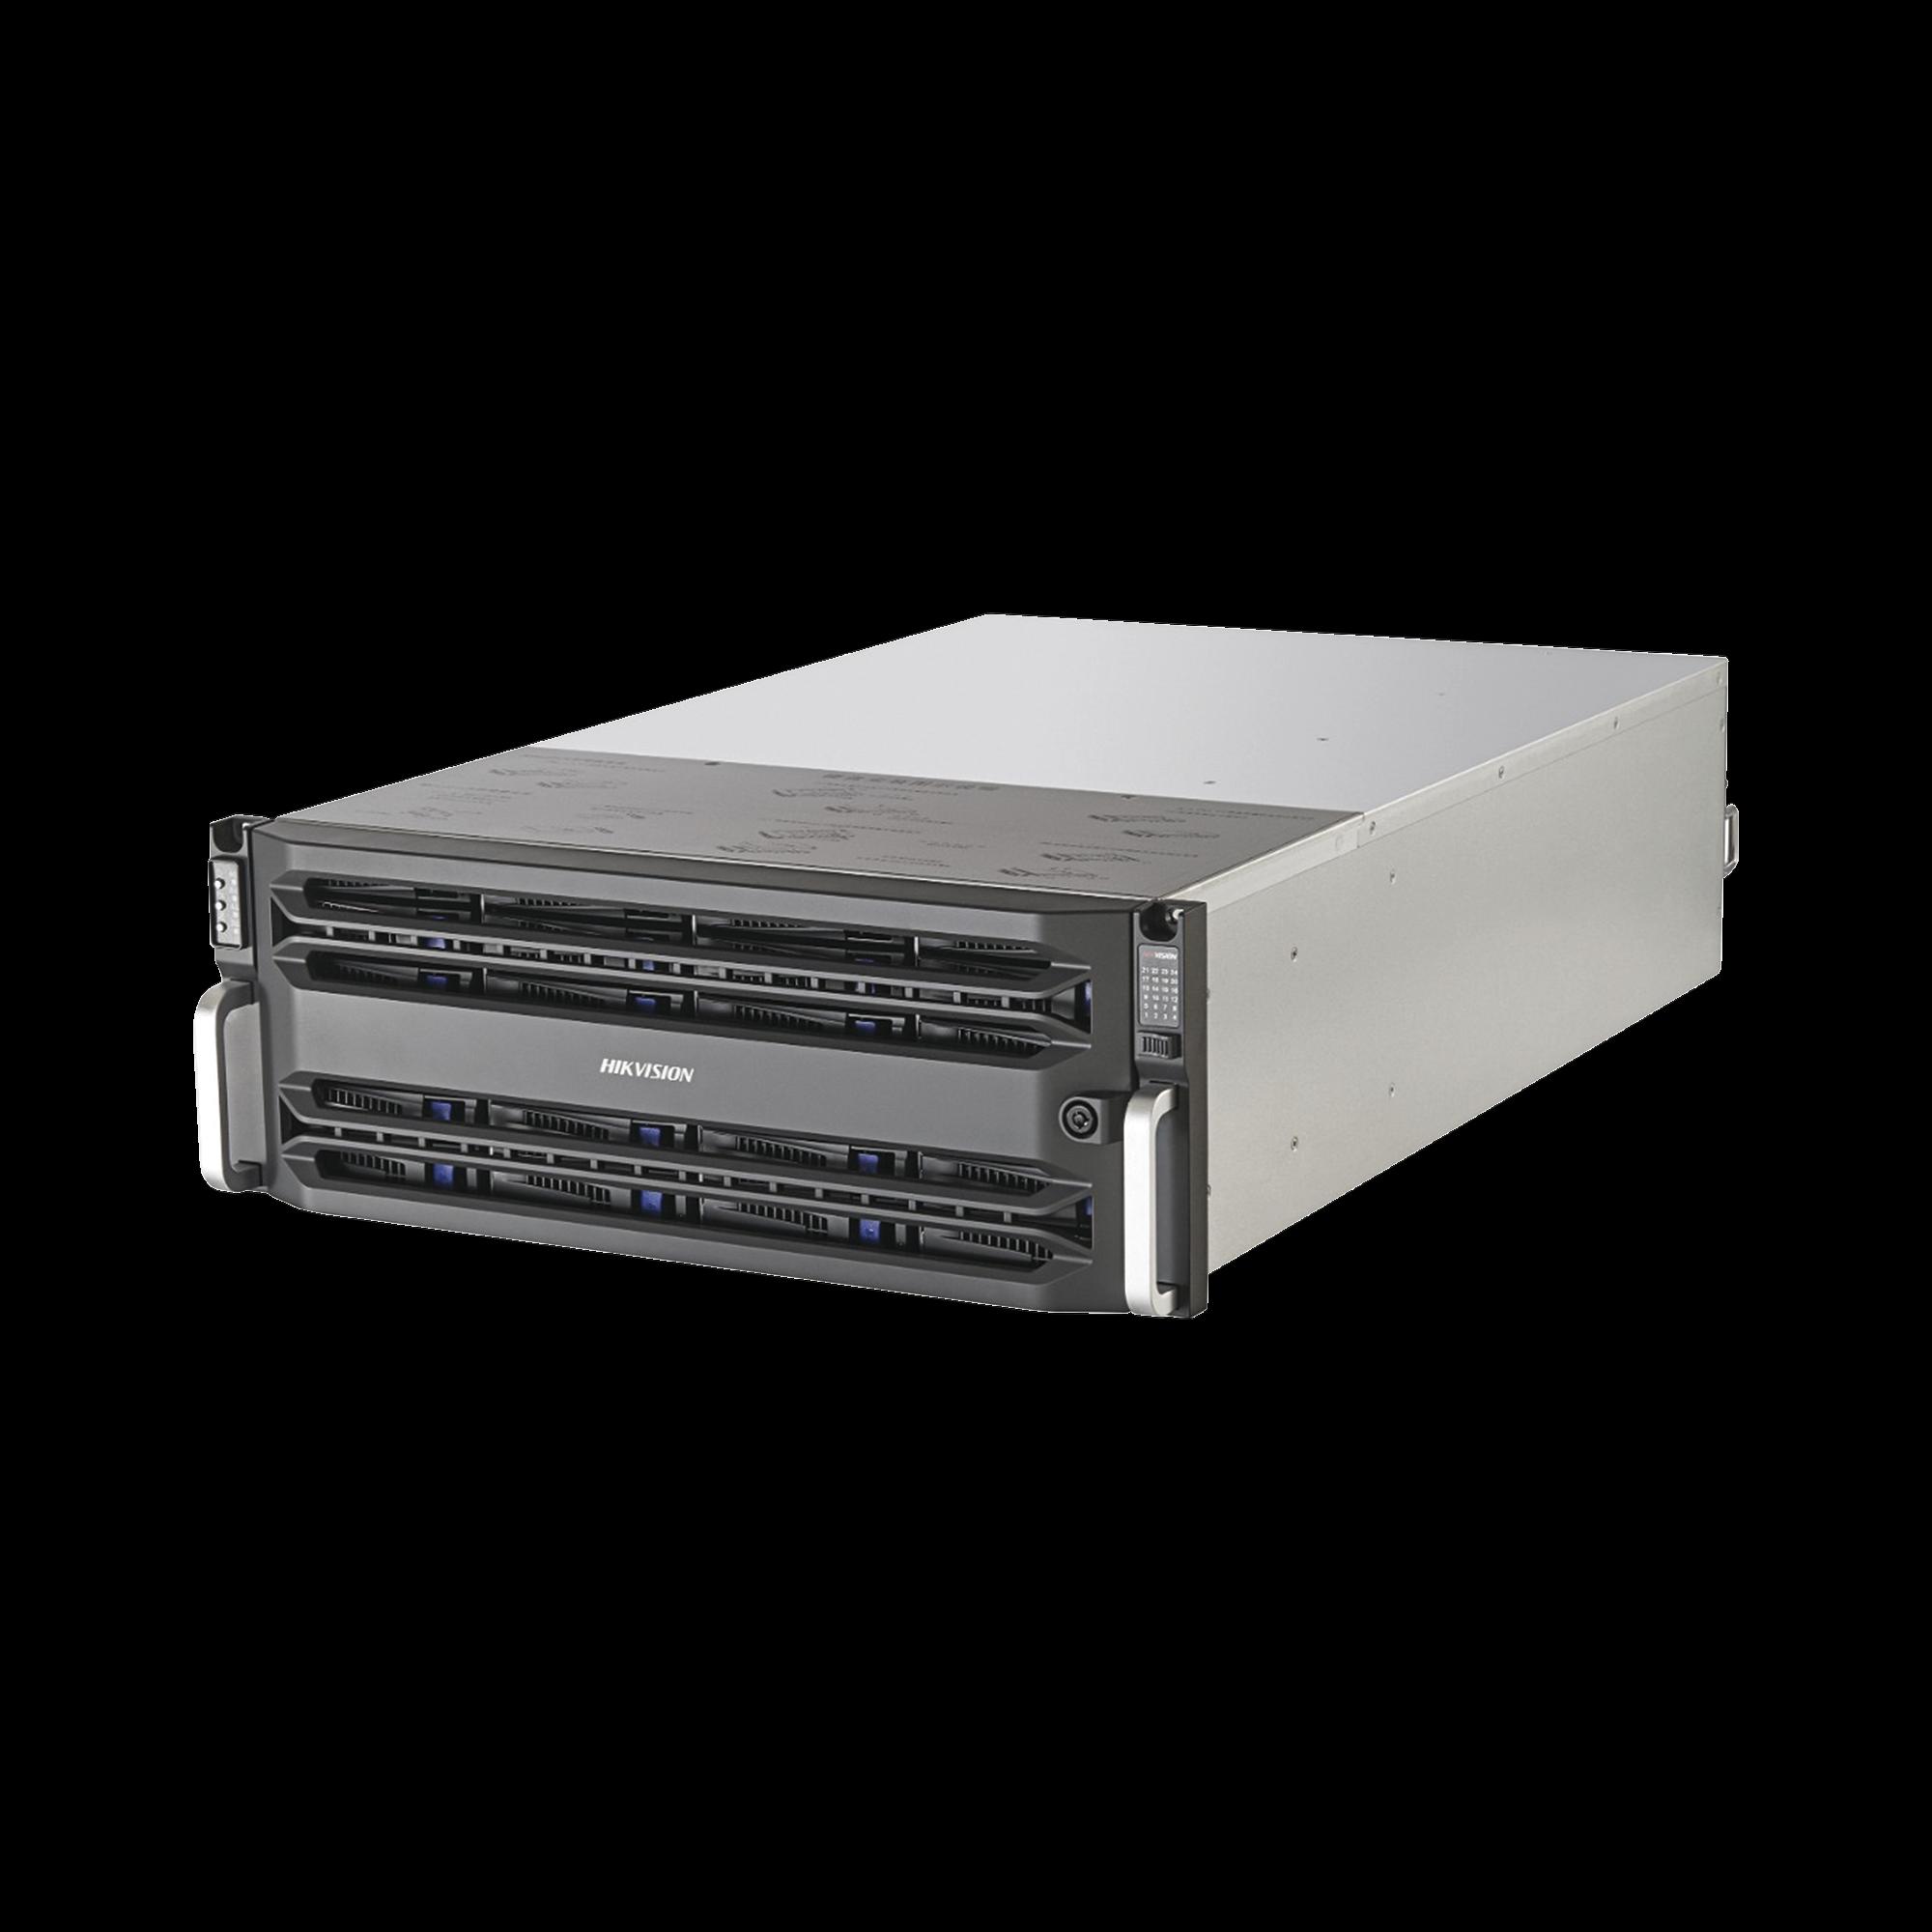 Almacenamiento en Red / 16 Discos Duros / RAID / iSCSI / NFS / Graba 320 Canales IP / 2 Tarjetas Red / Simple Controlador